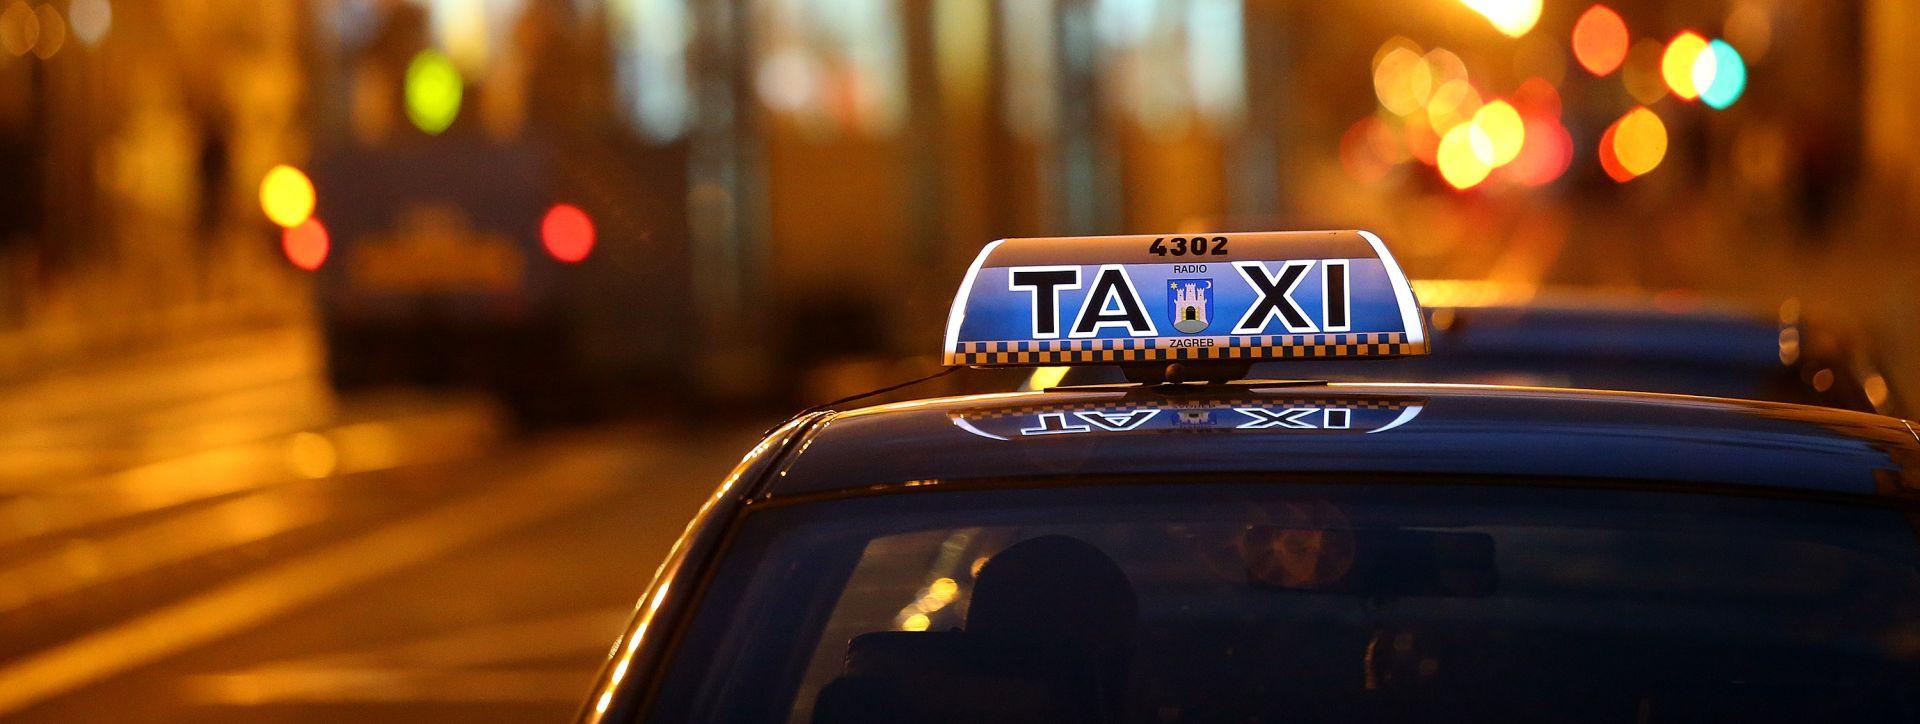 POREZNA UPRAVA Sljedećeg vikenda pojačan nadzor taxi službi i noćnih klubova